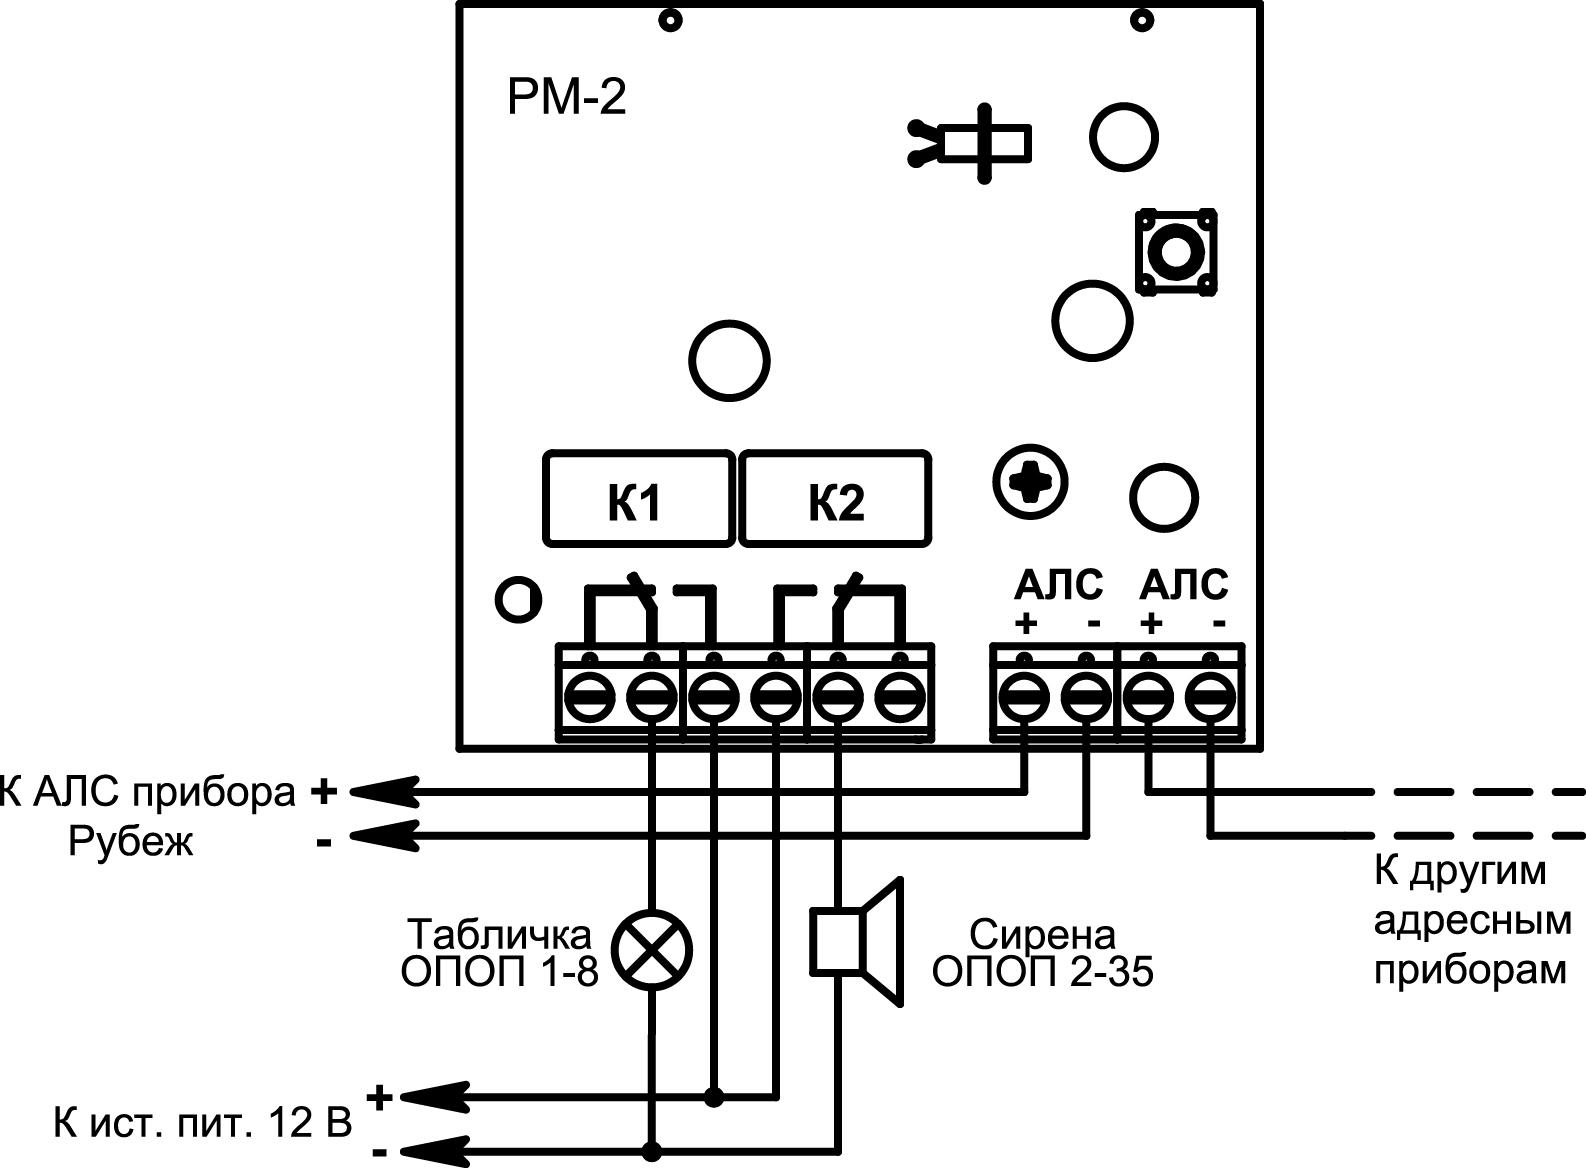 инструкция по установке охранного модуля cg 2